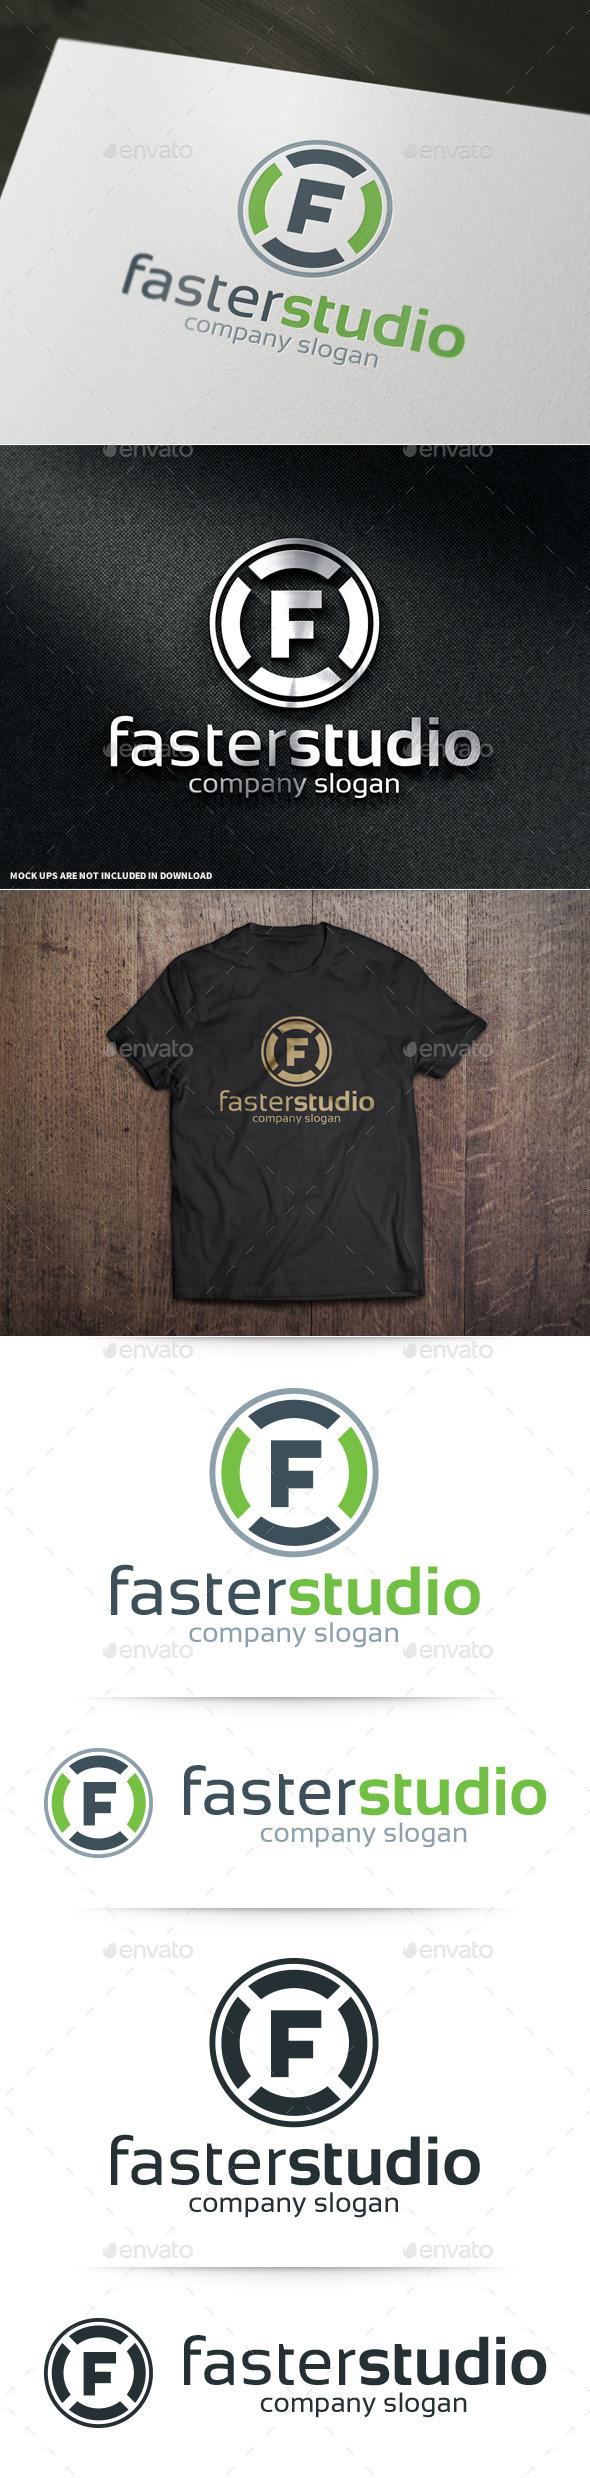 GraphicRiver Faster Studio Letter F Logo 10978247